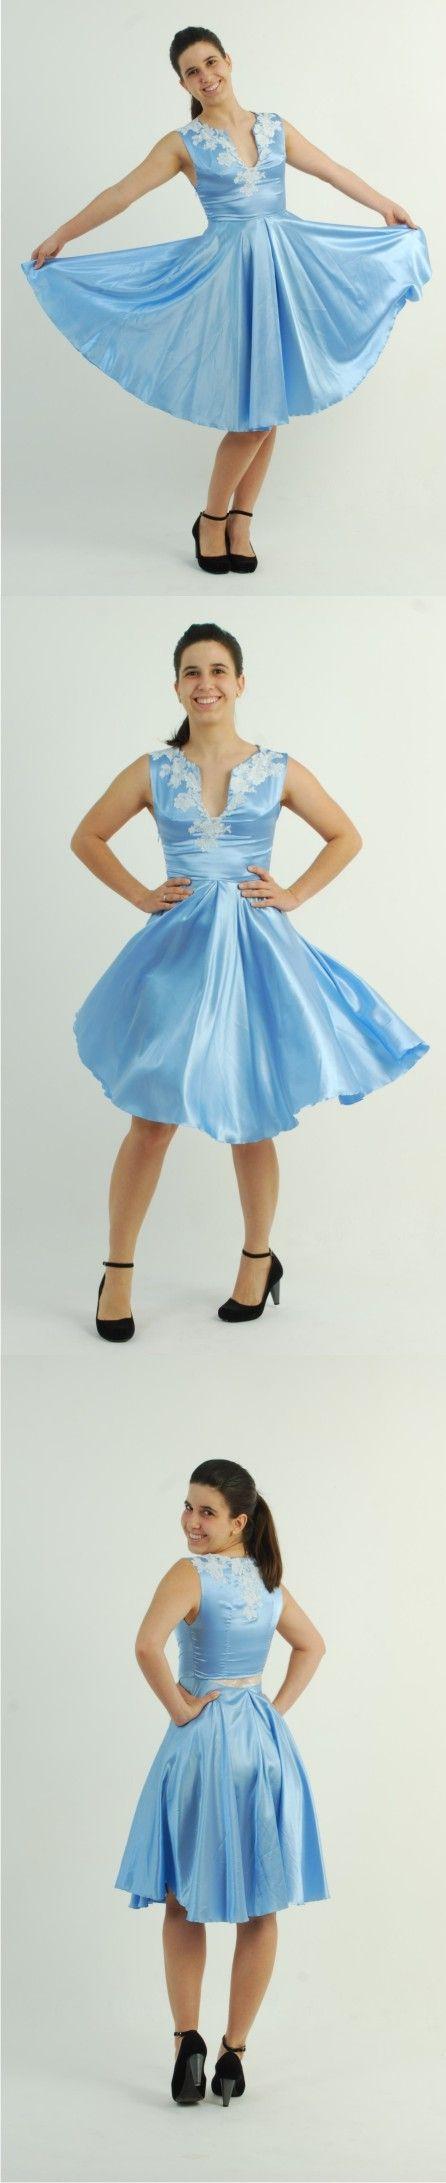 Vestido azul de cetim com renda francesa aplicada no decote da frente e das costas e abertura com transparência na cintura. Ateliê Lia Balieiro